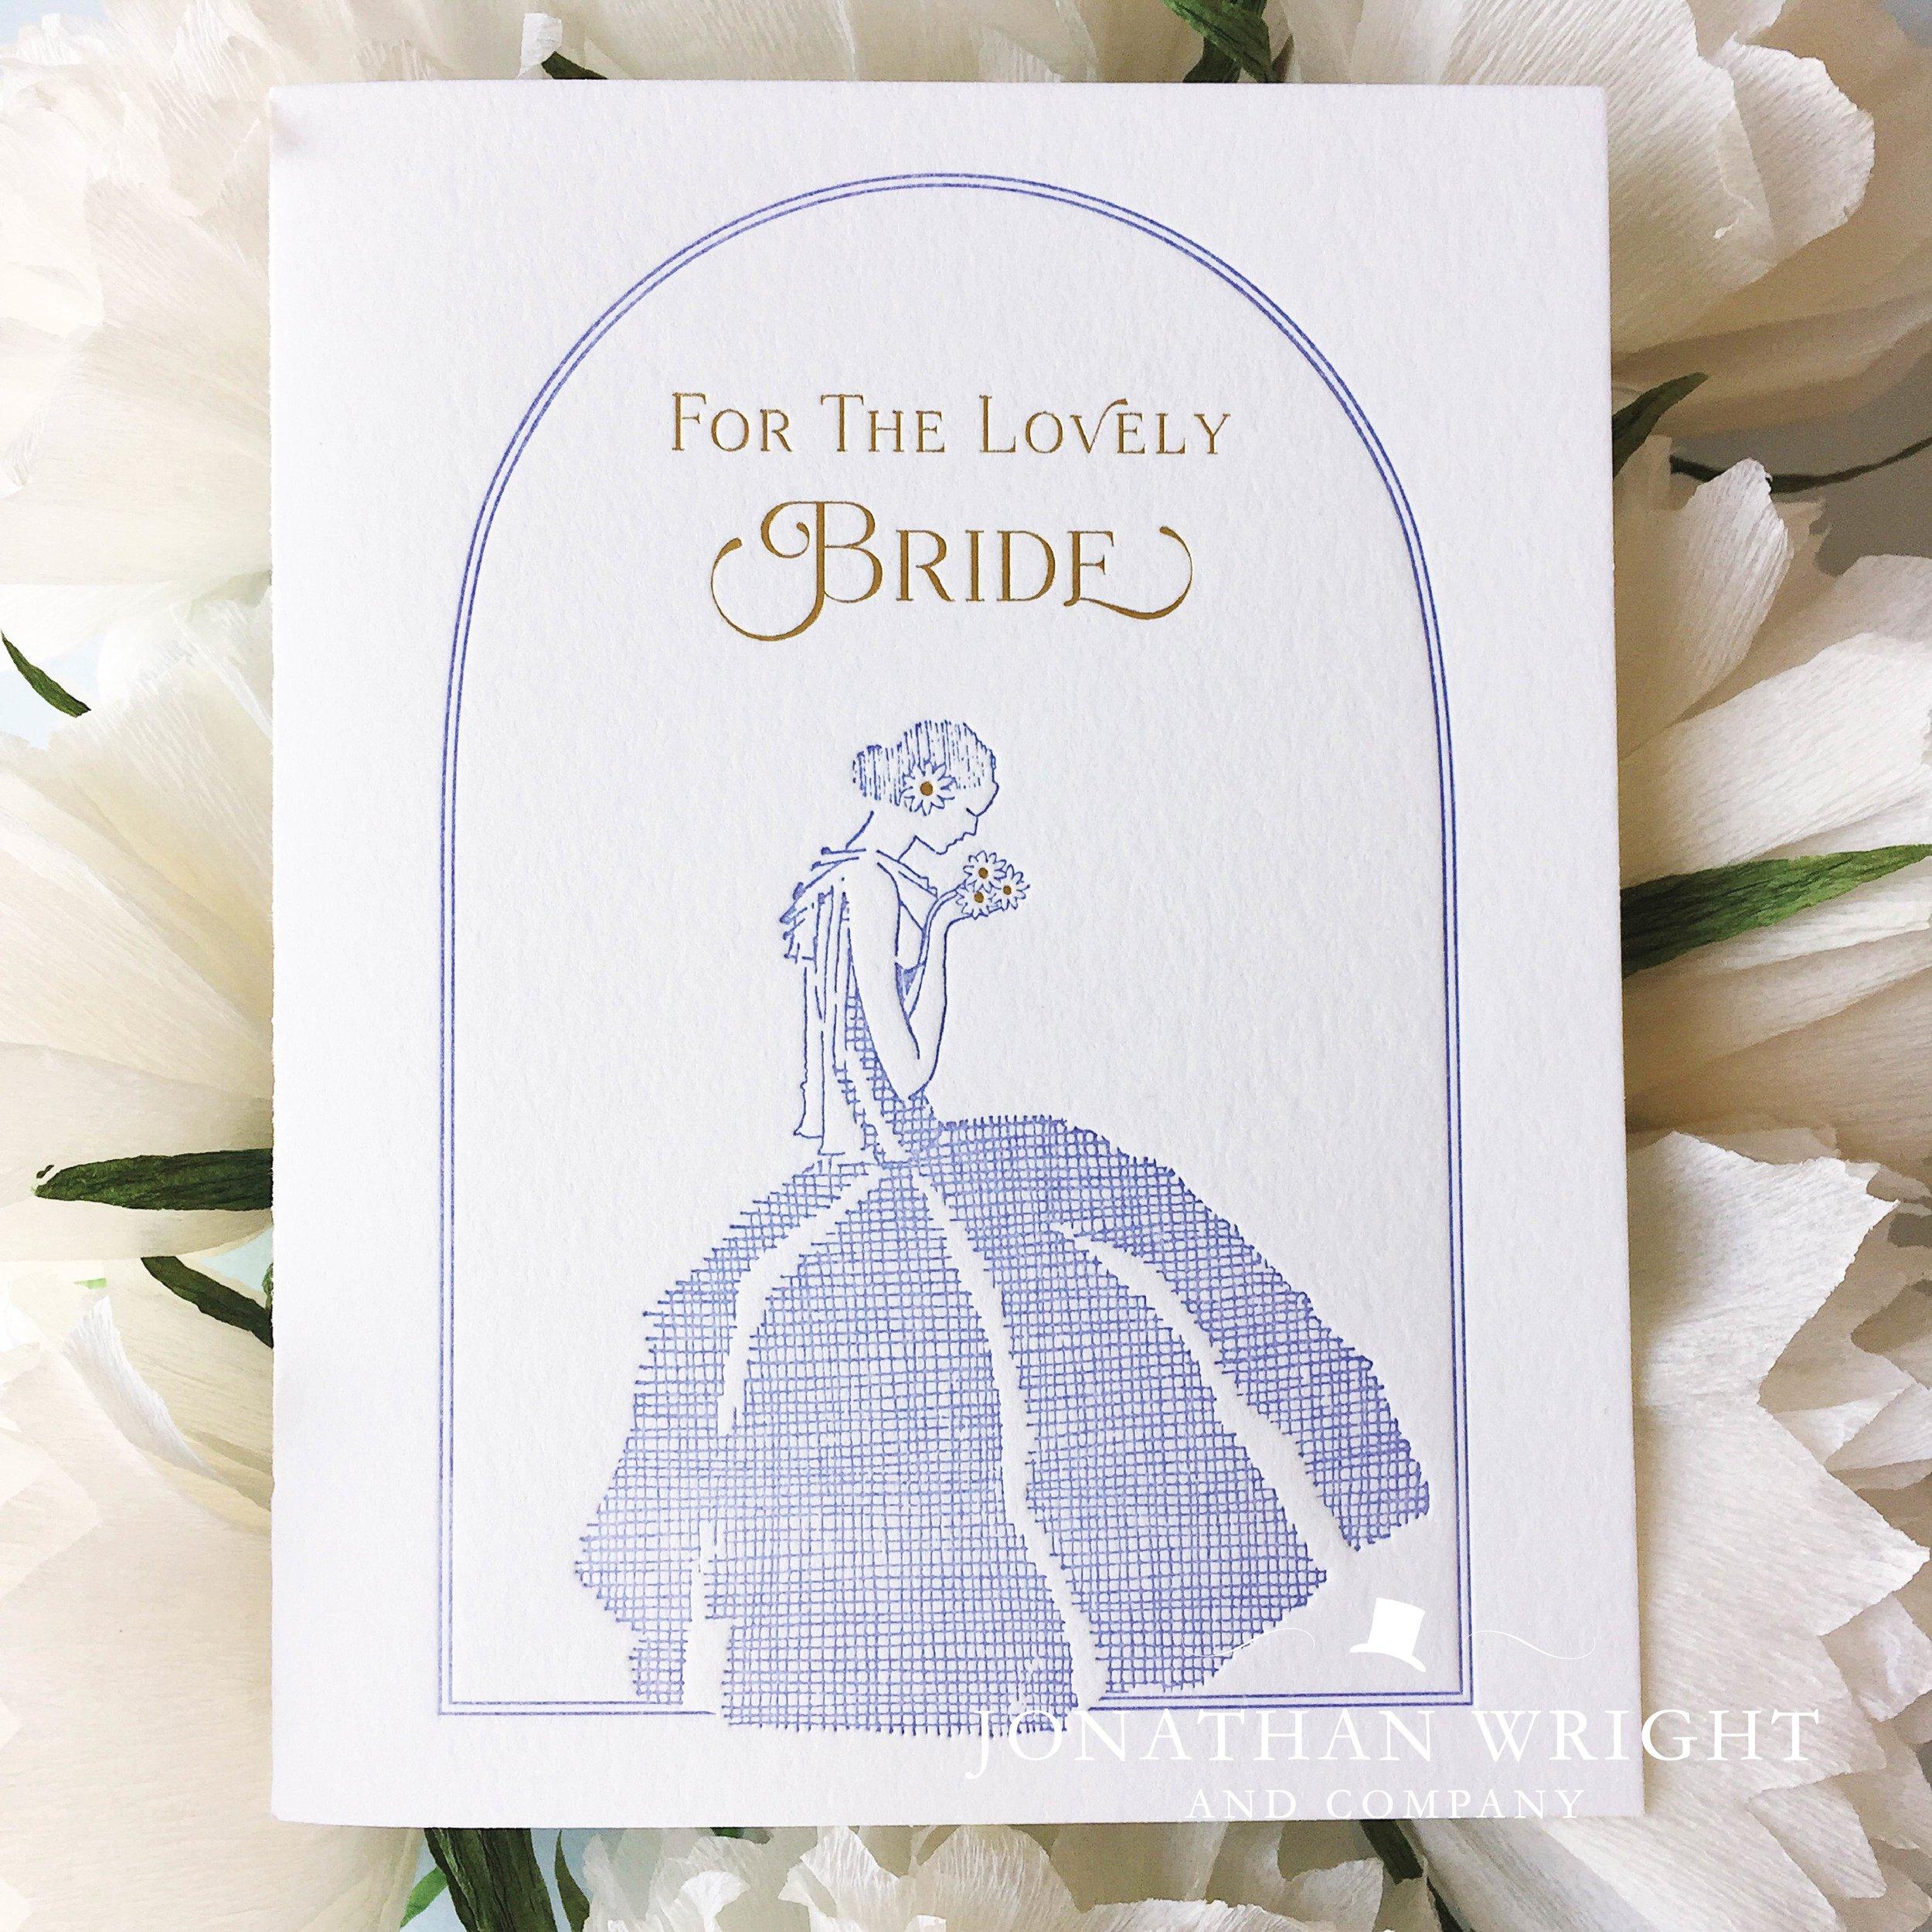 LOVELY BRIDE.jpg